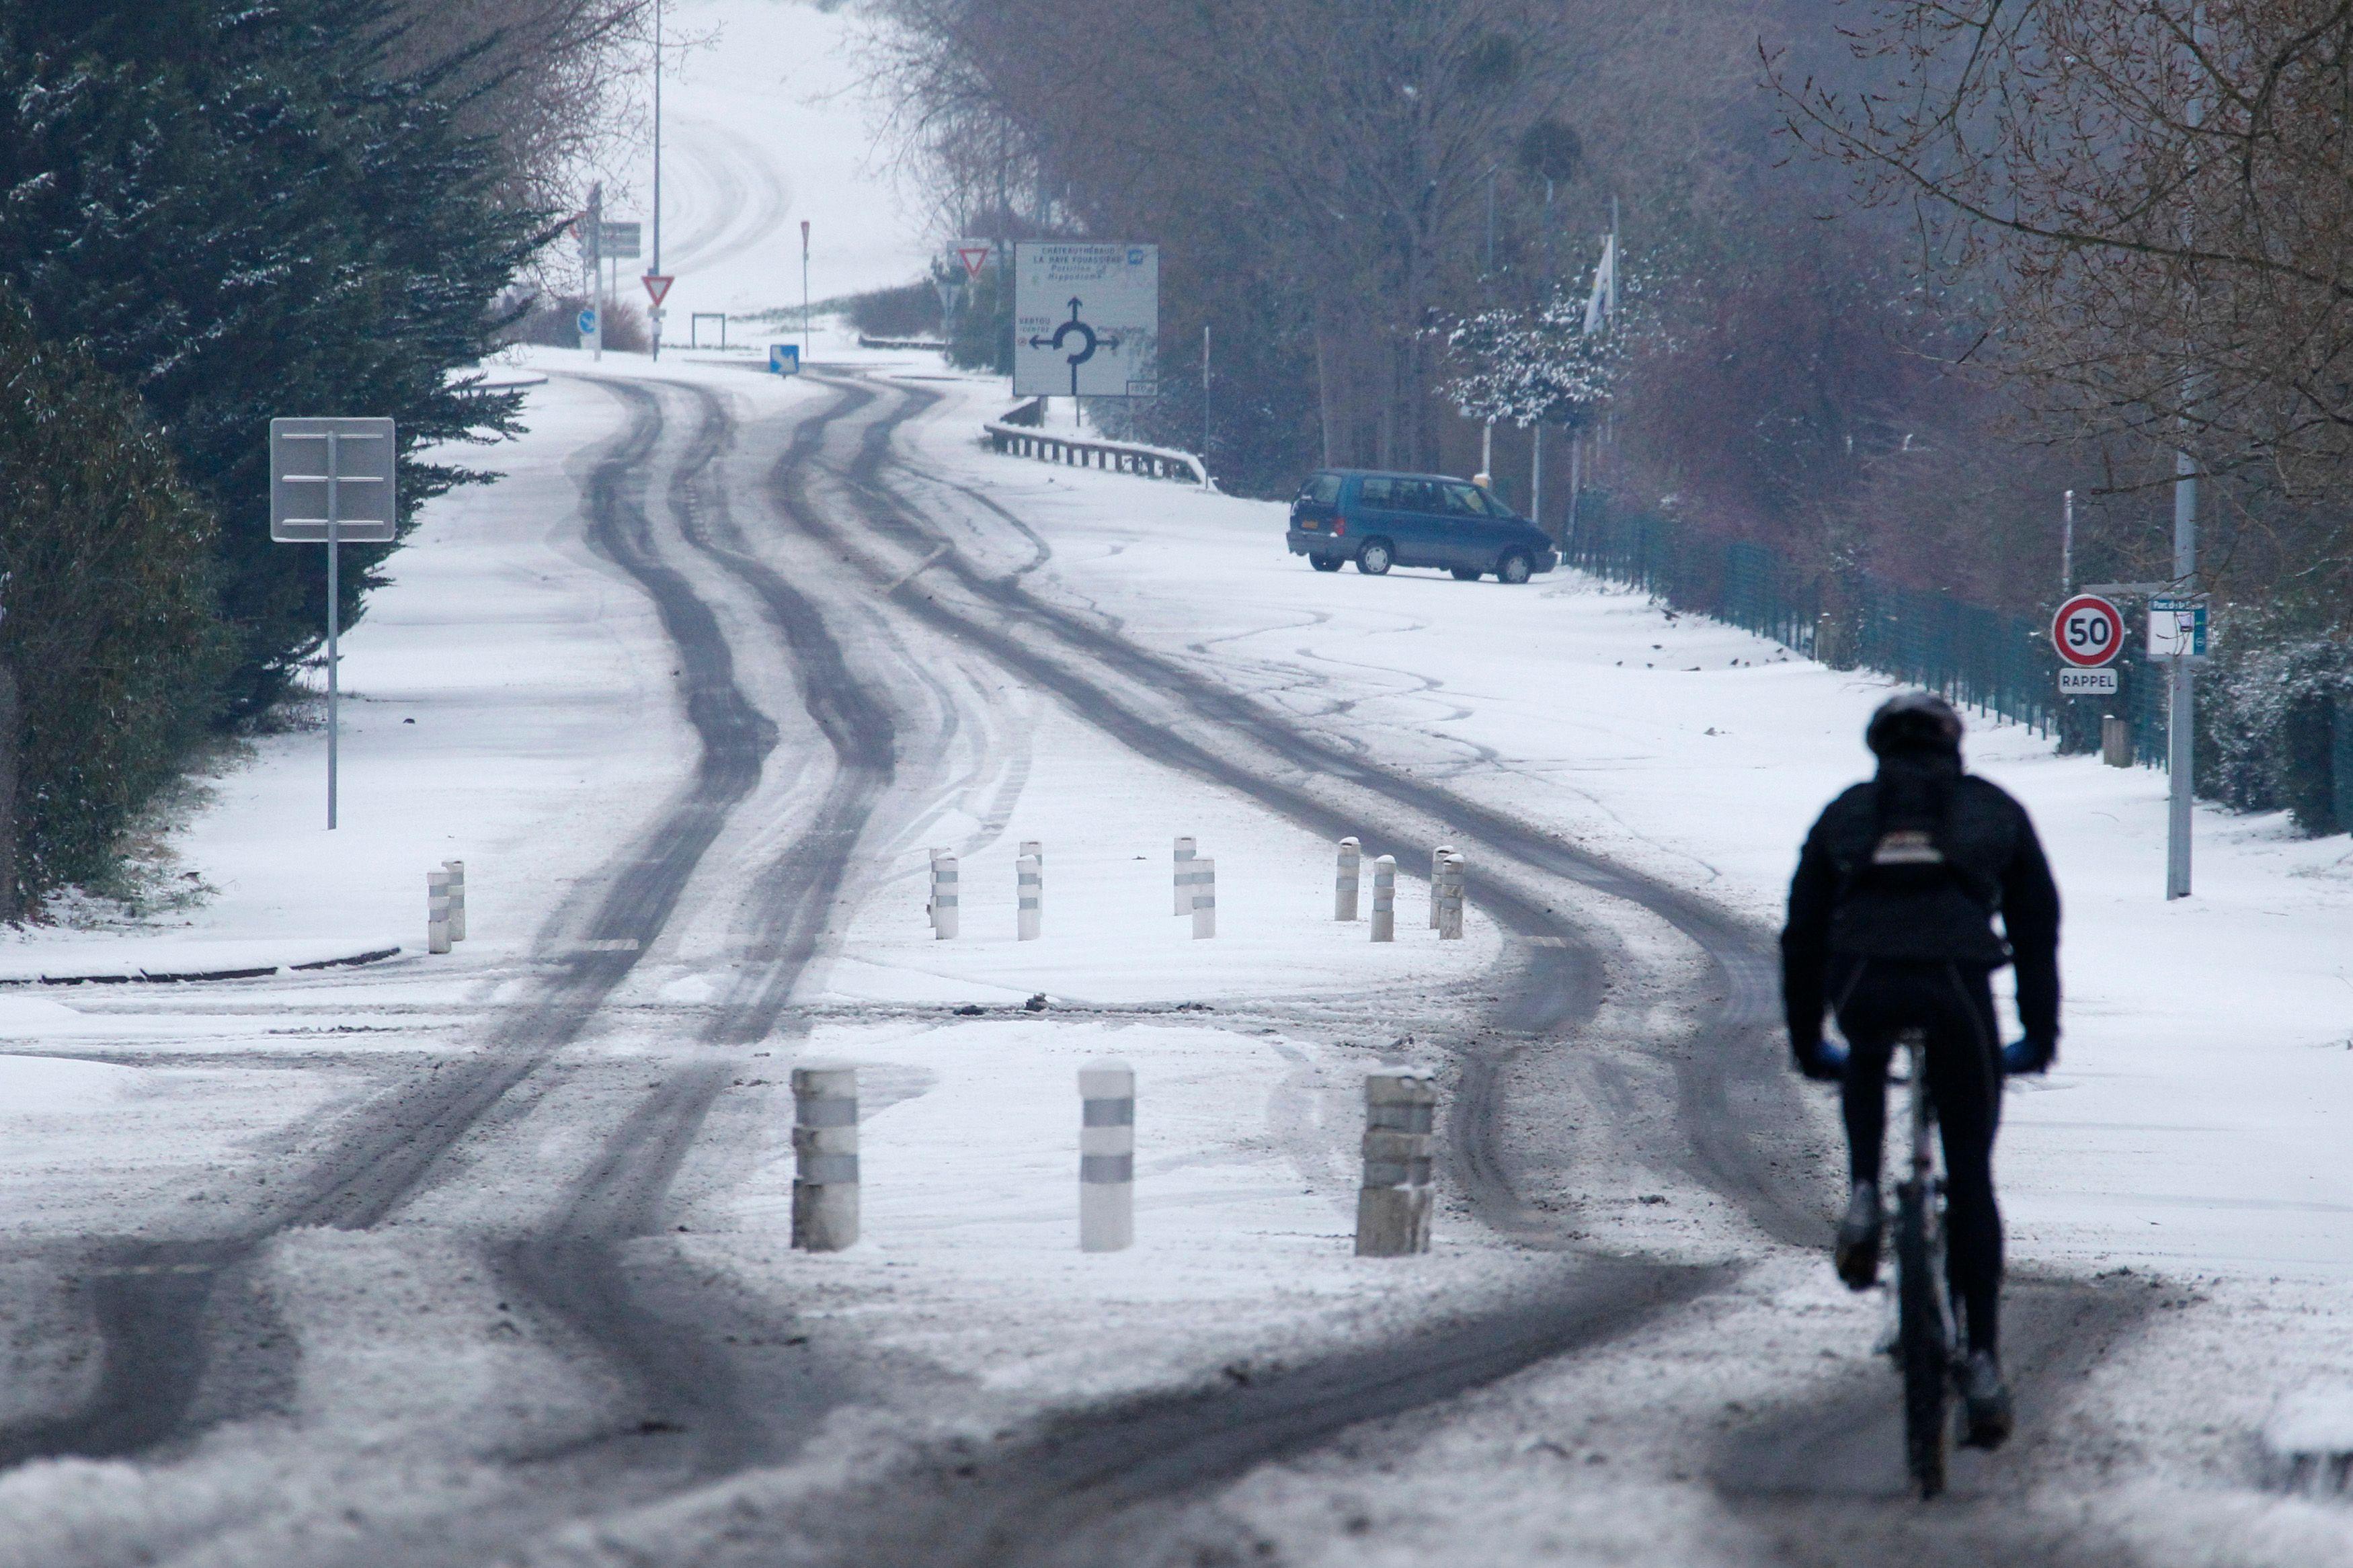 Neige et verglas : l'alerte levée, c'est le dégel sur une bonne partie de la France